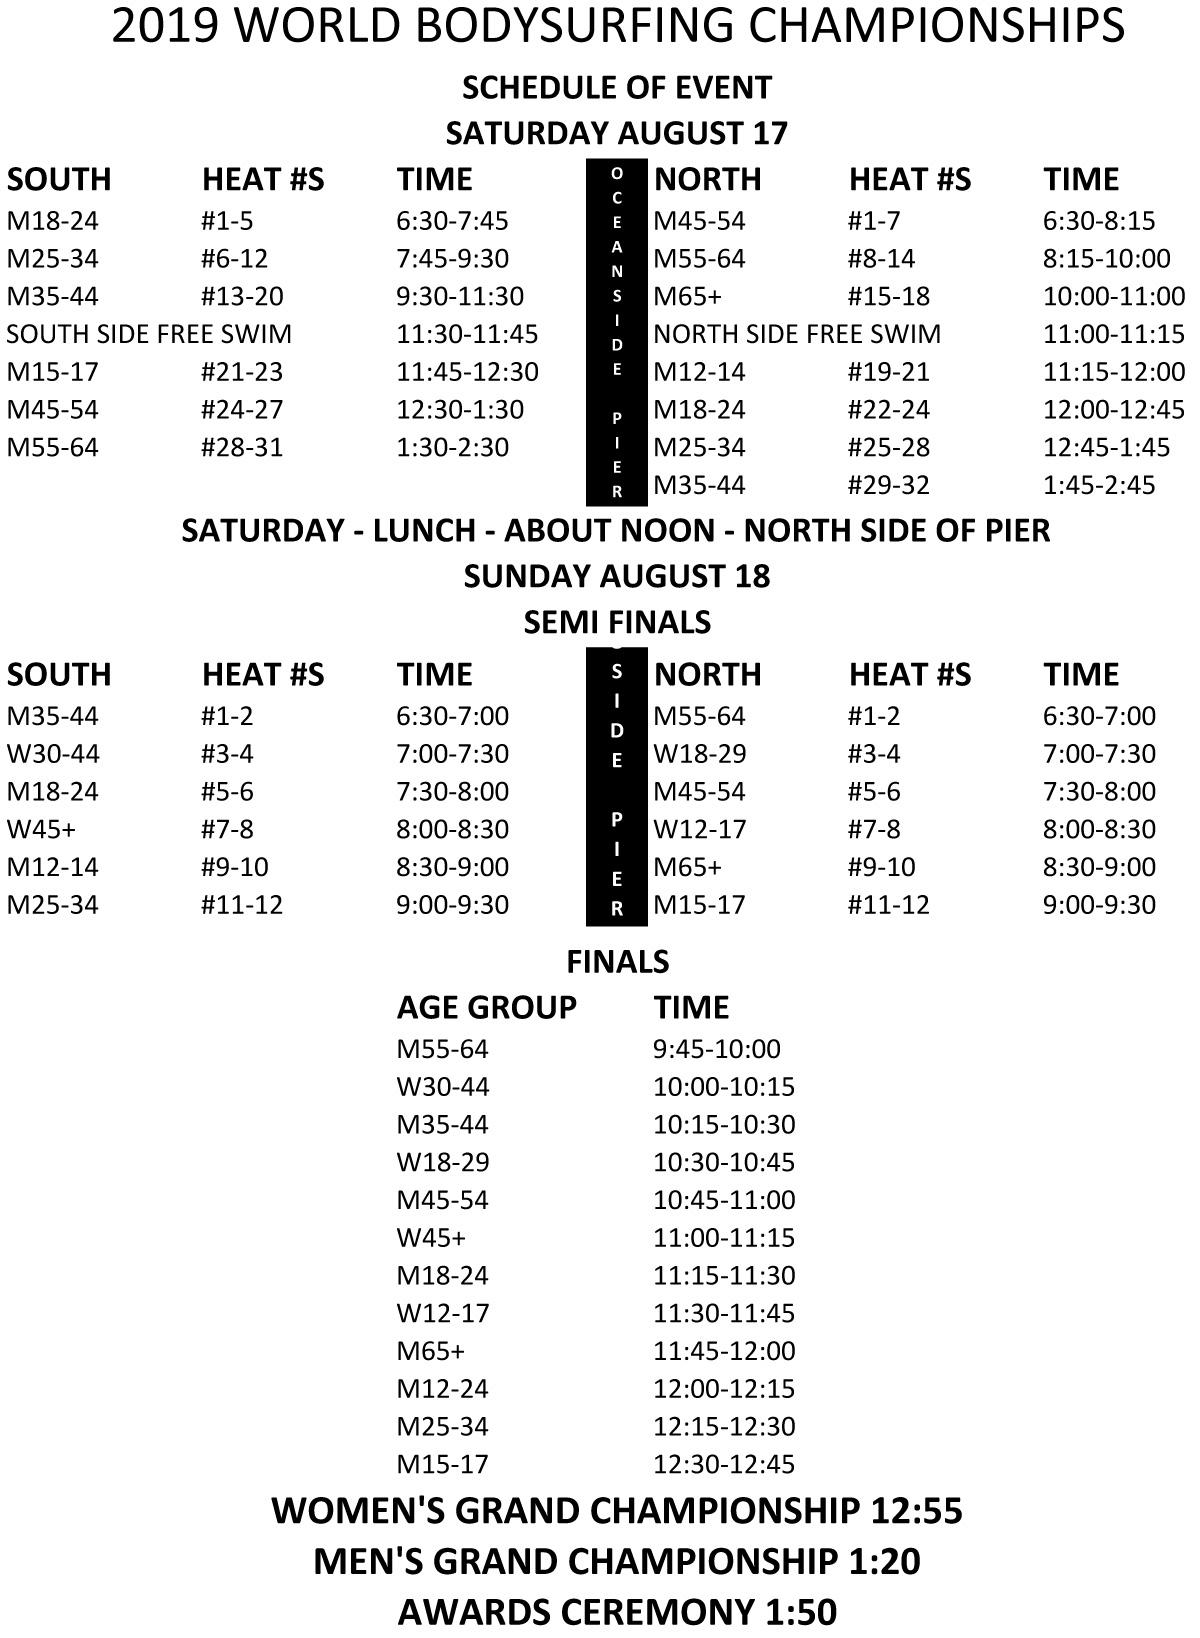 Schedule-of-Event-2019.jpg